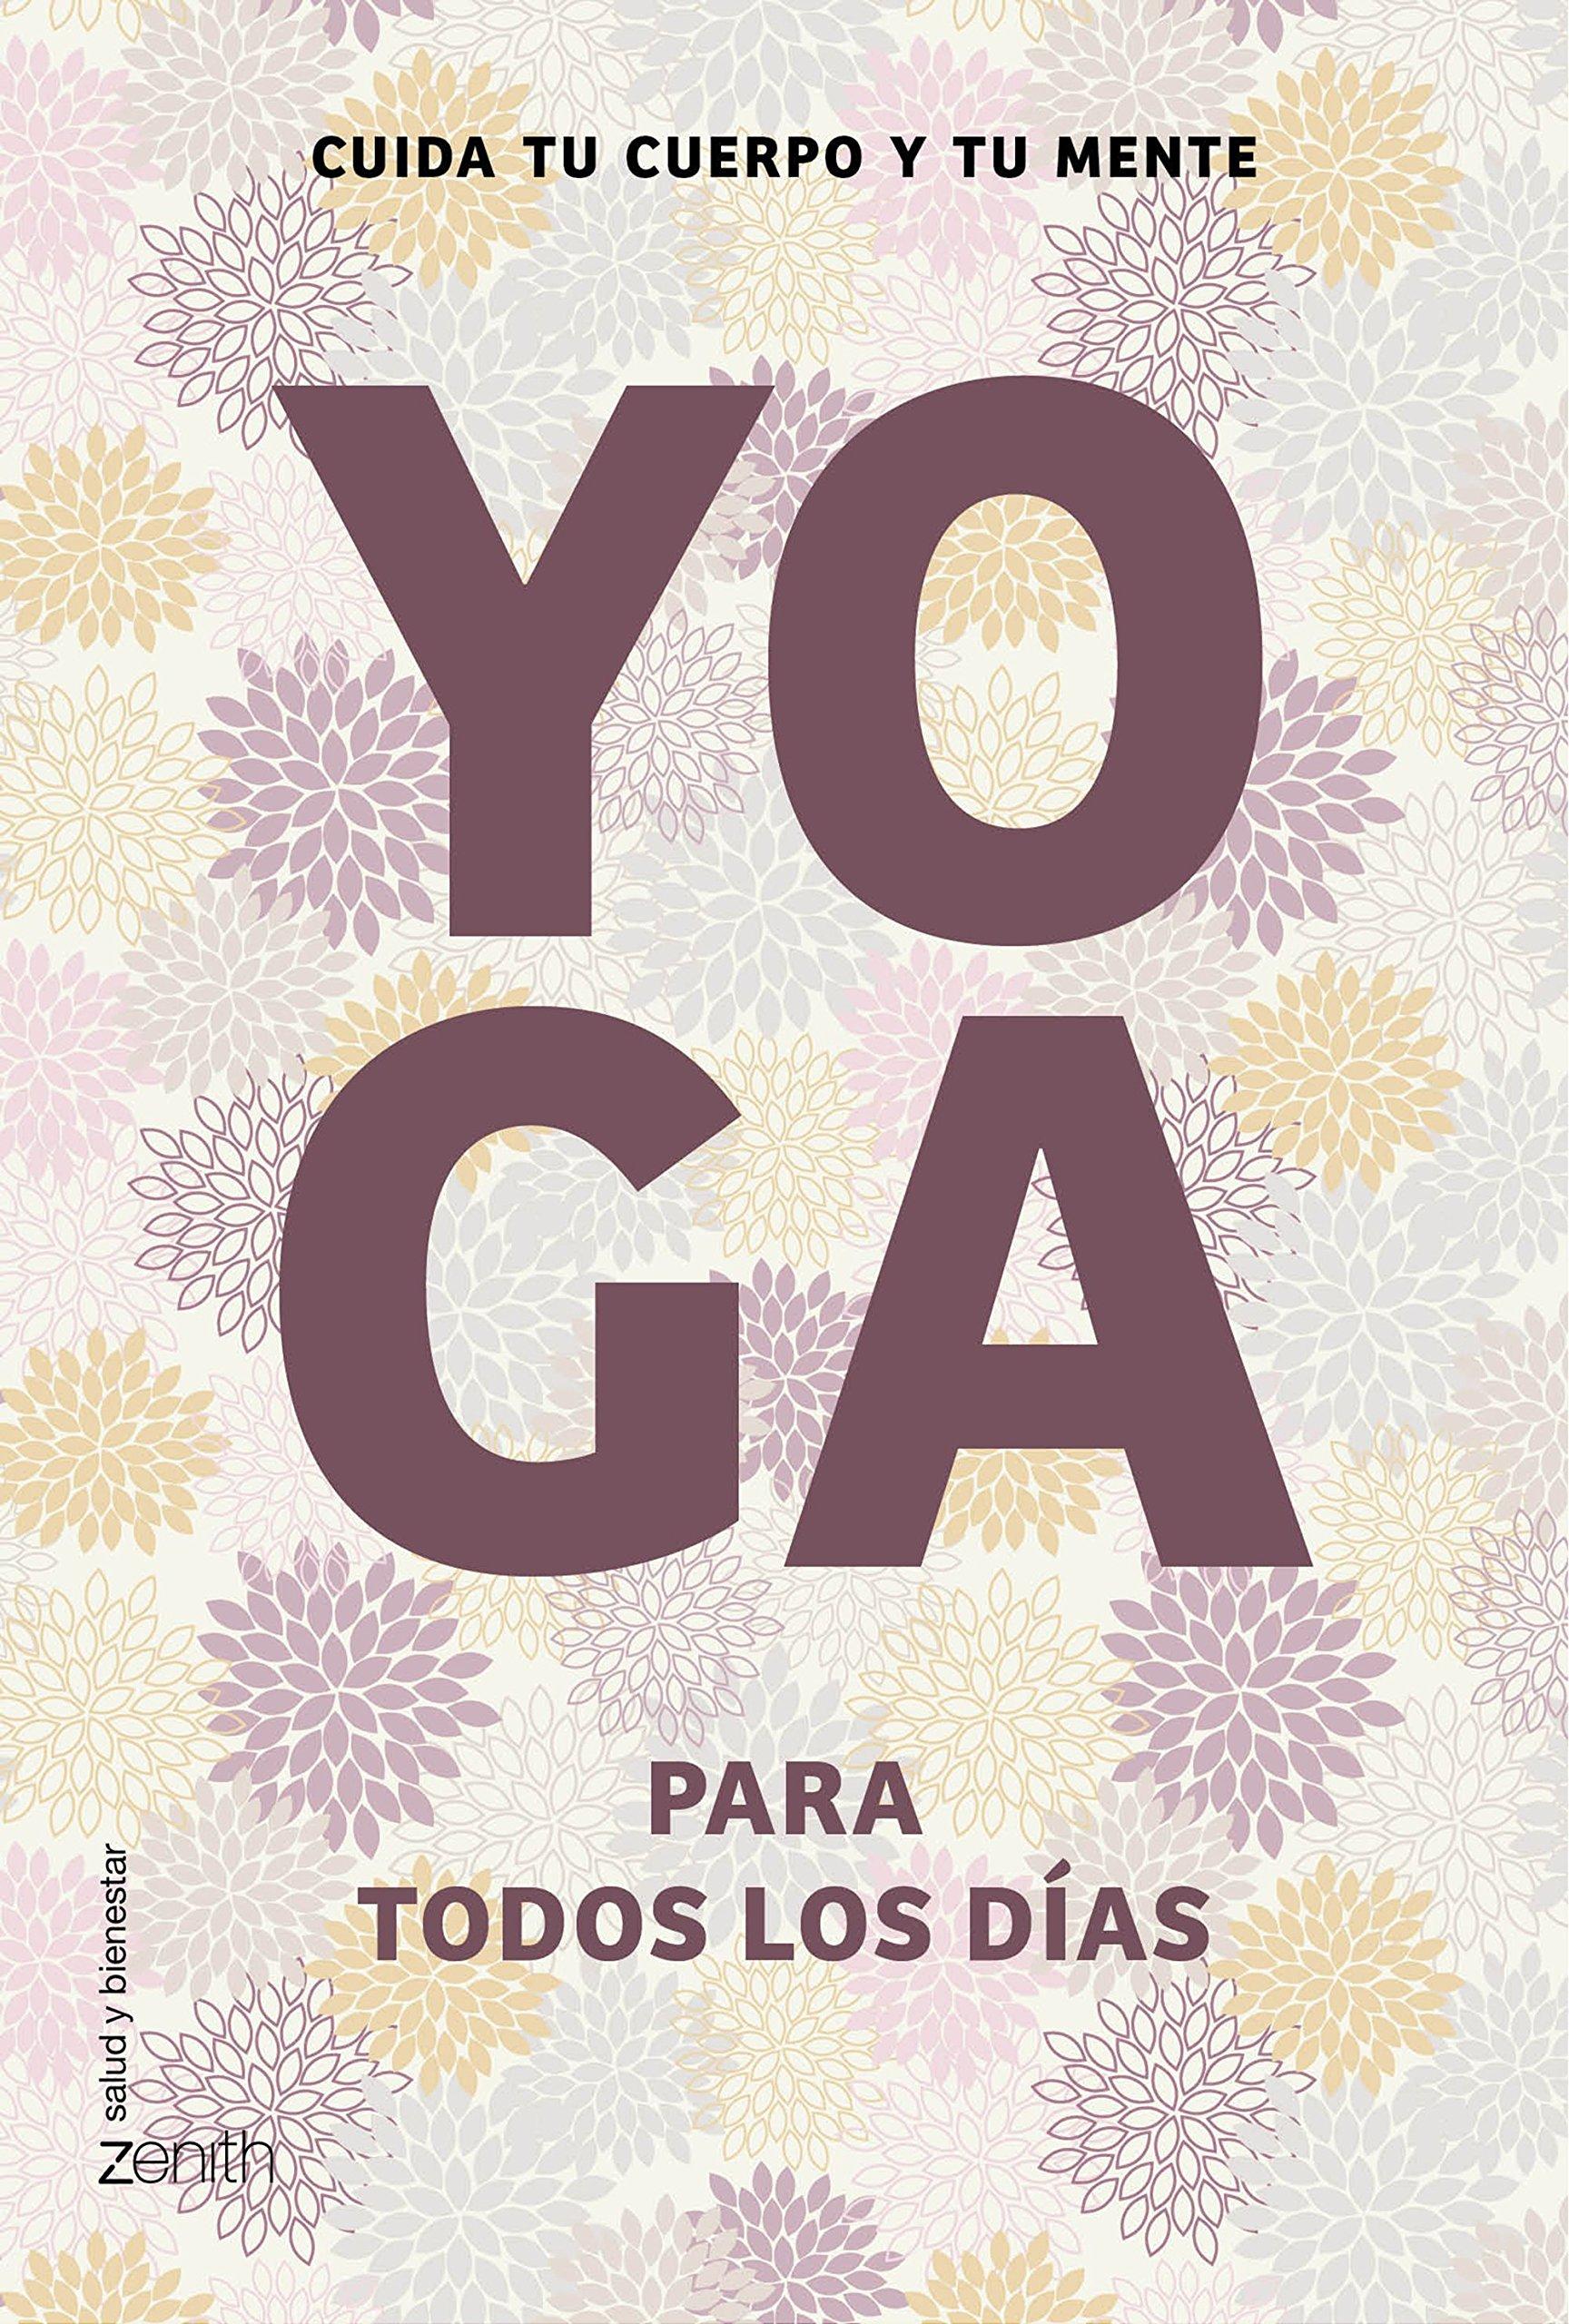 Yoga para todos los días : cuida tu cuerpo y tu mente: VV.AA ...